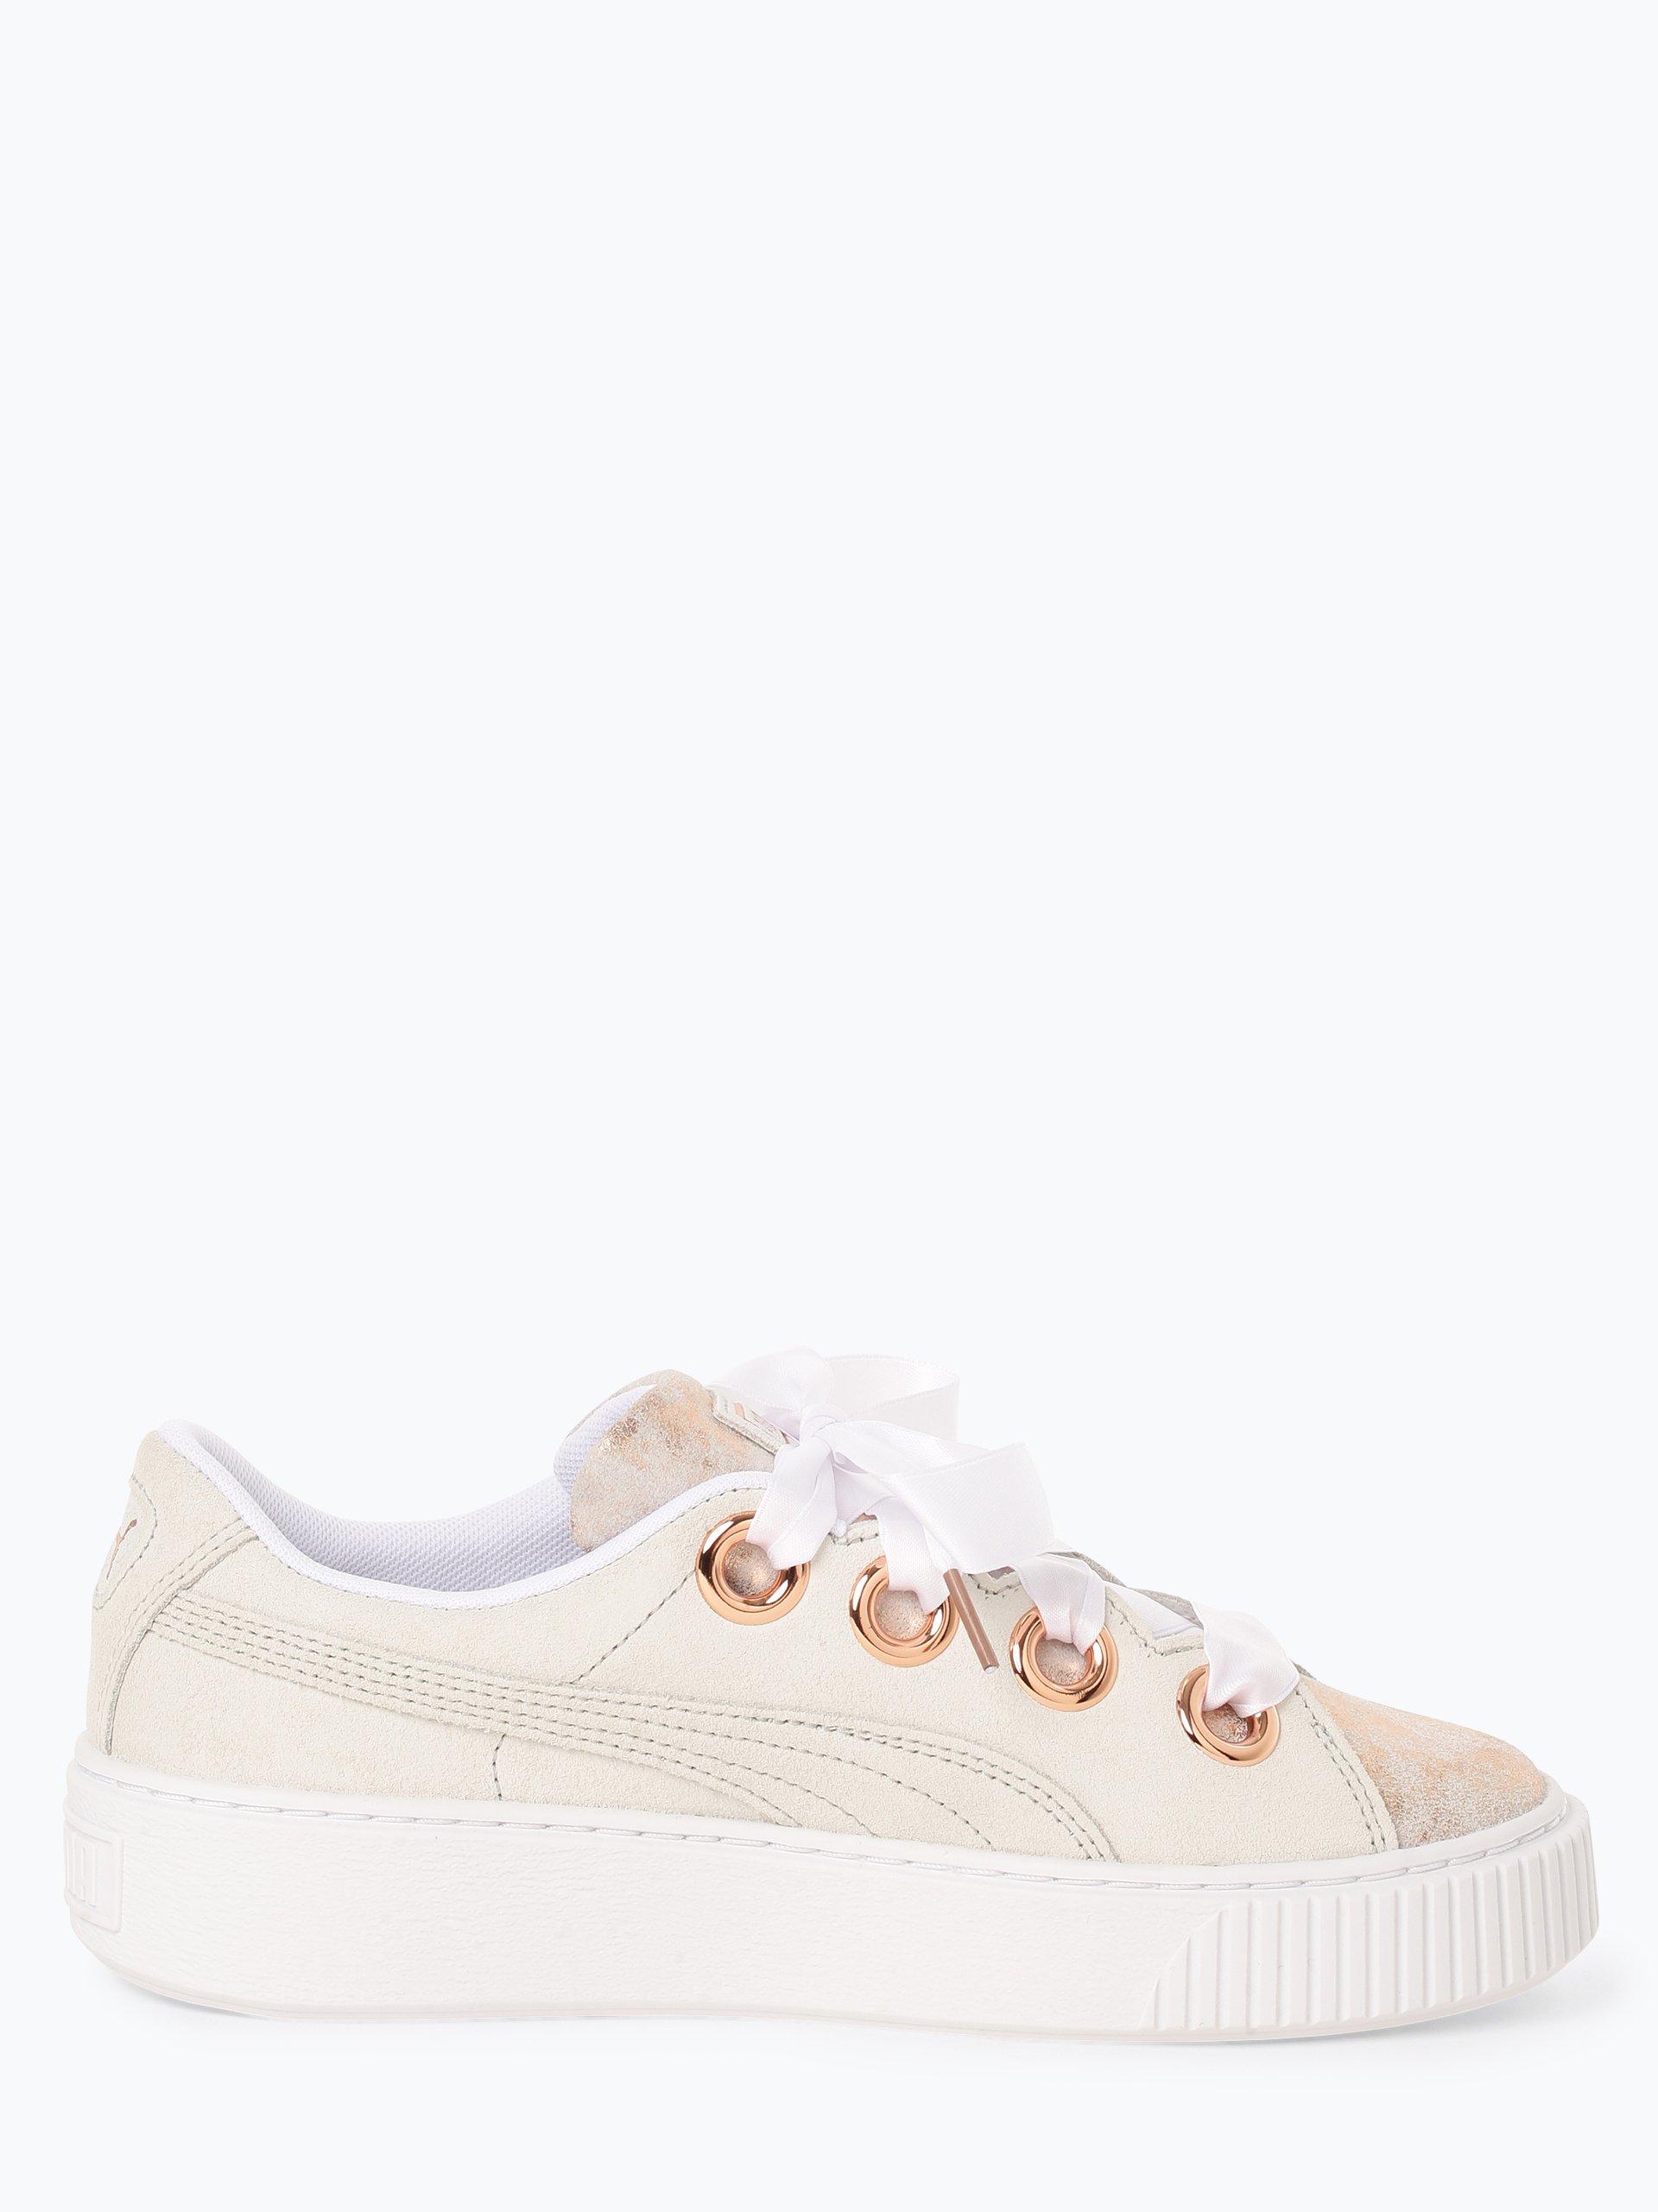 Puma Damen Sneaker aus Leder - Platform Kiss Artica